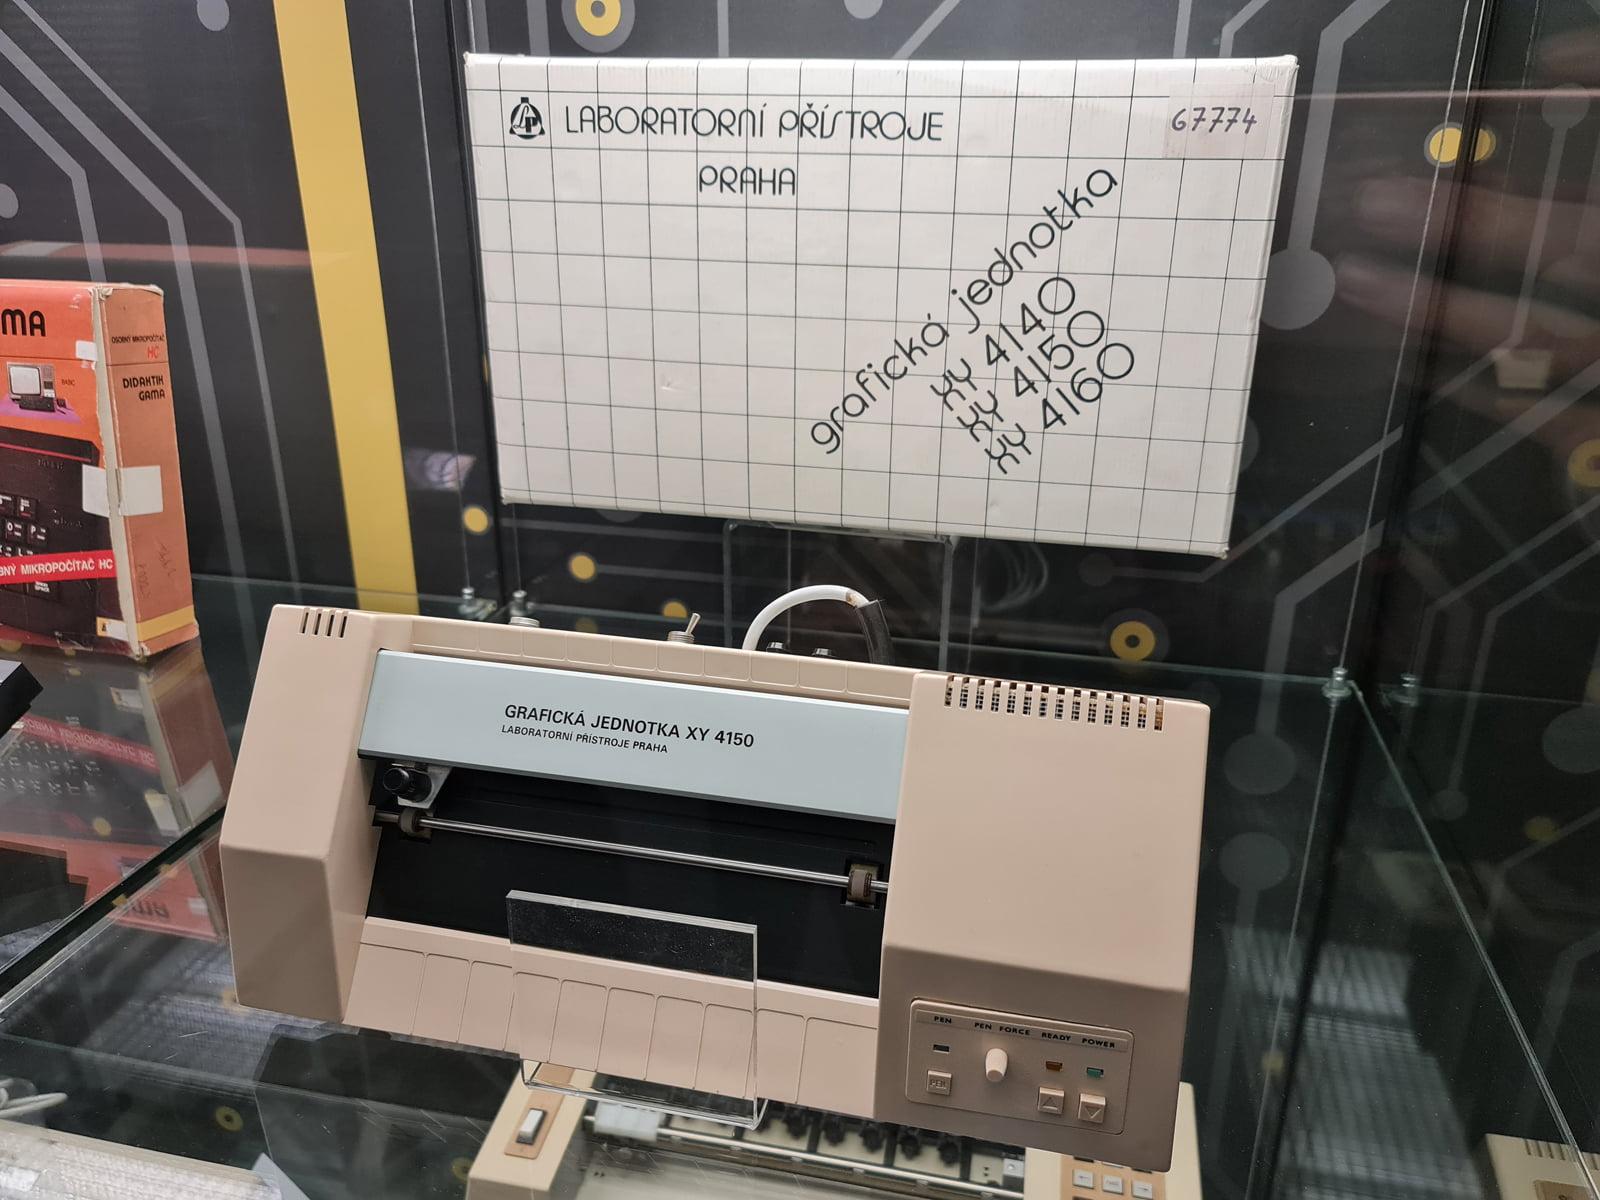 Československé počítače, čipy a další výpočetní technika